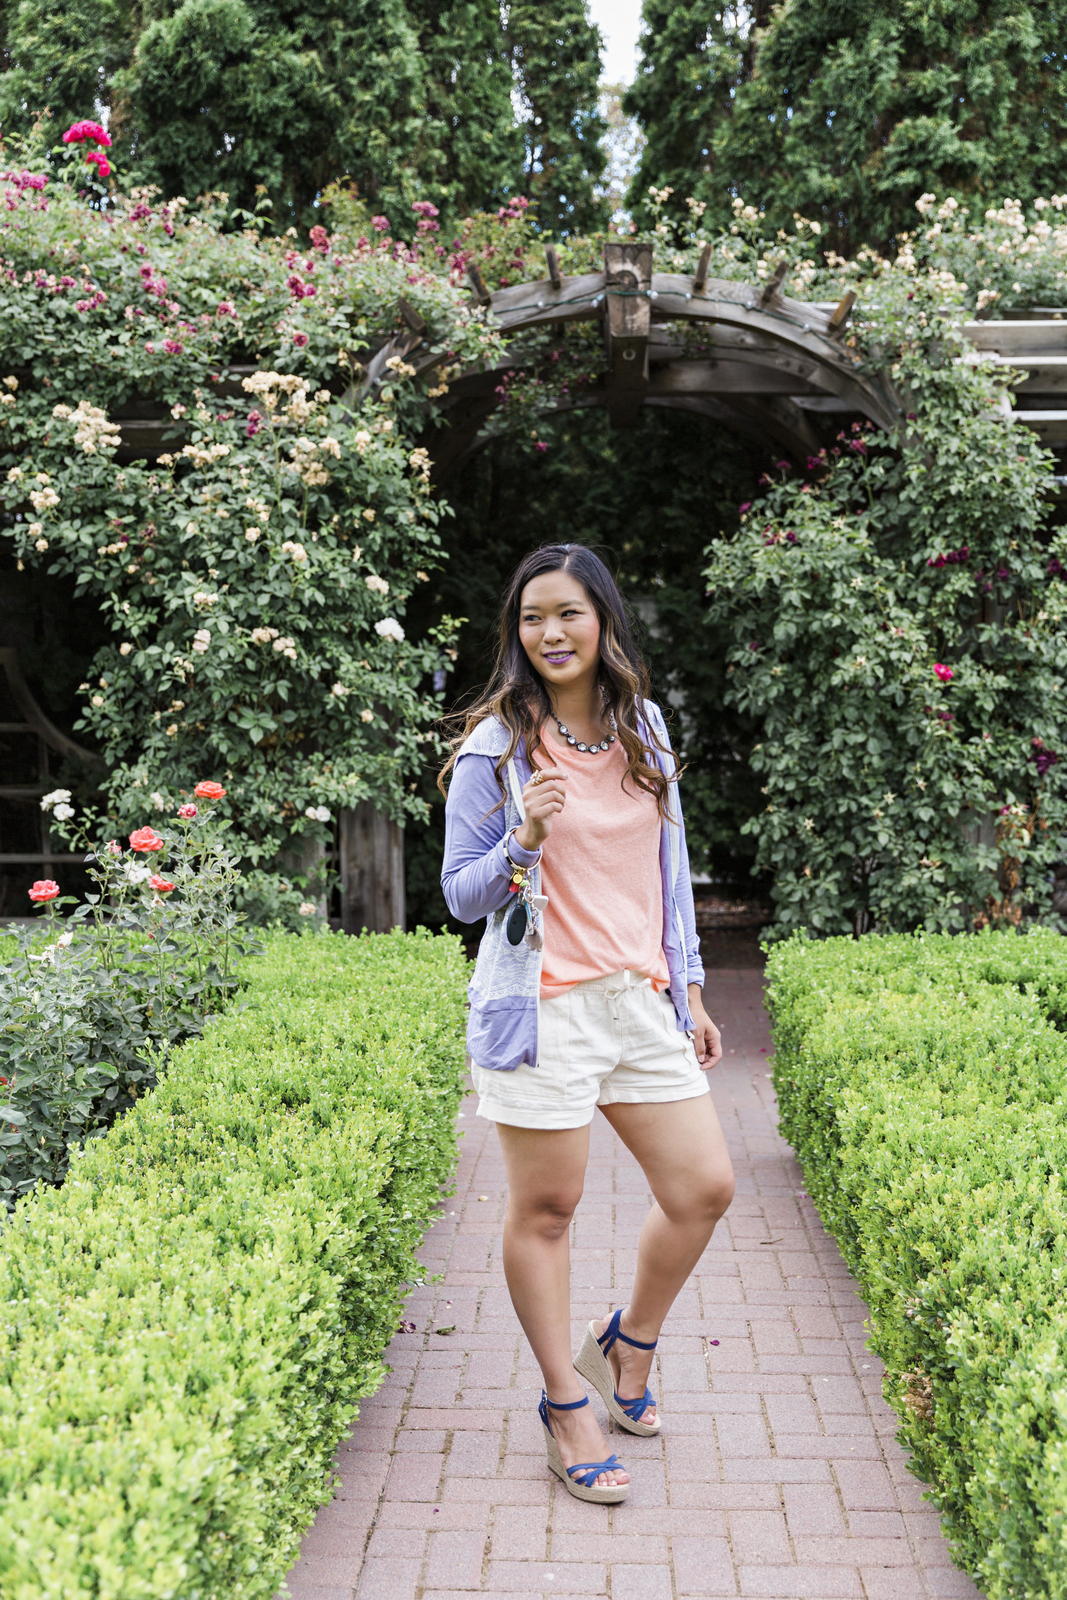 Evy's Tree Luxury hoodie: The Ava Racer